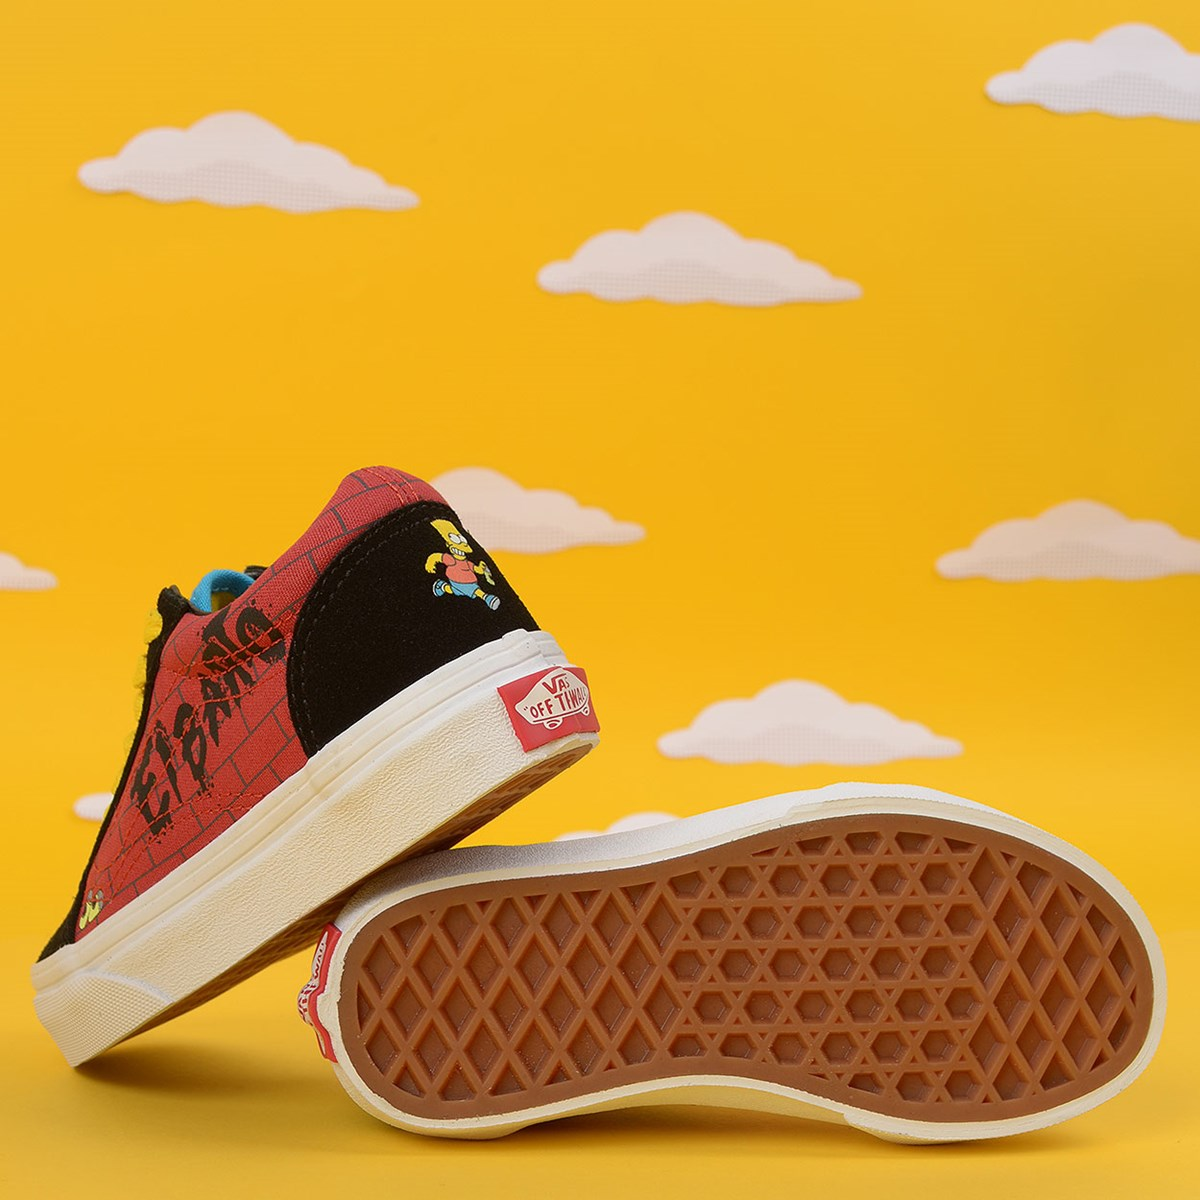 Tênis Vans The Simpsons Old Skool Kids El Barto Black Red VN0A4BUU17A